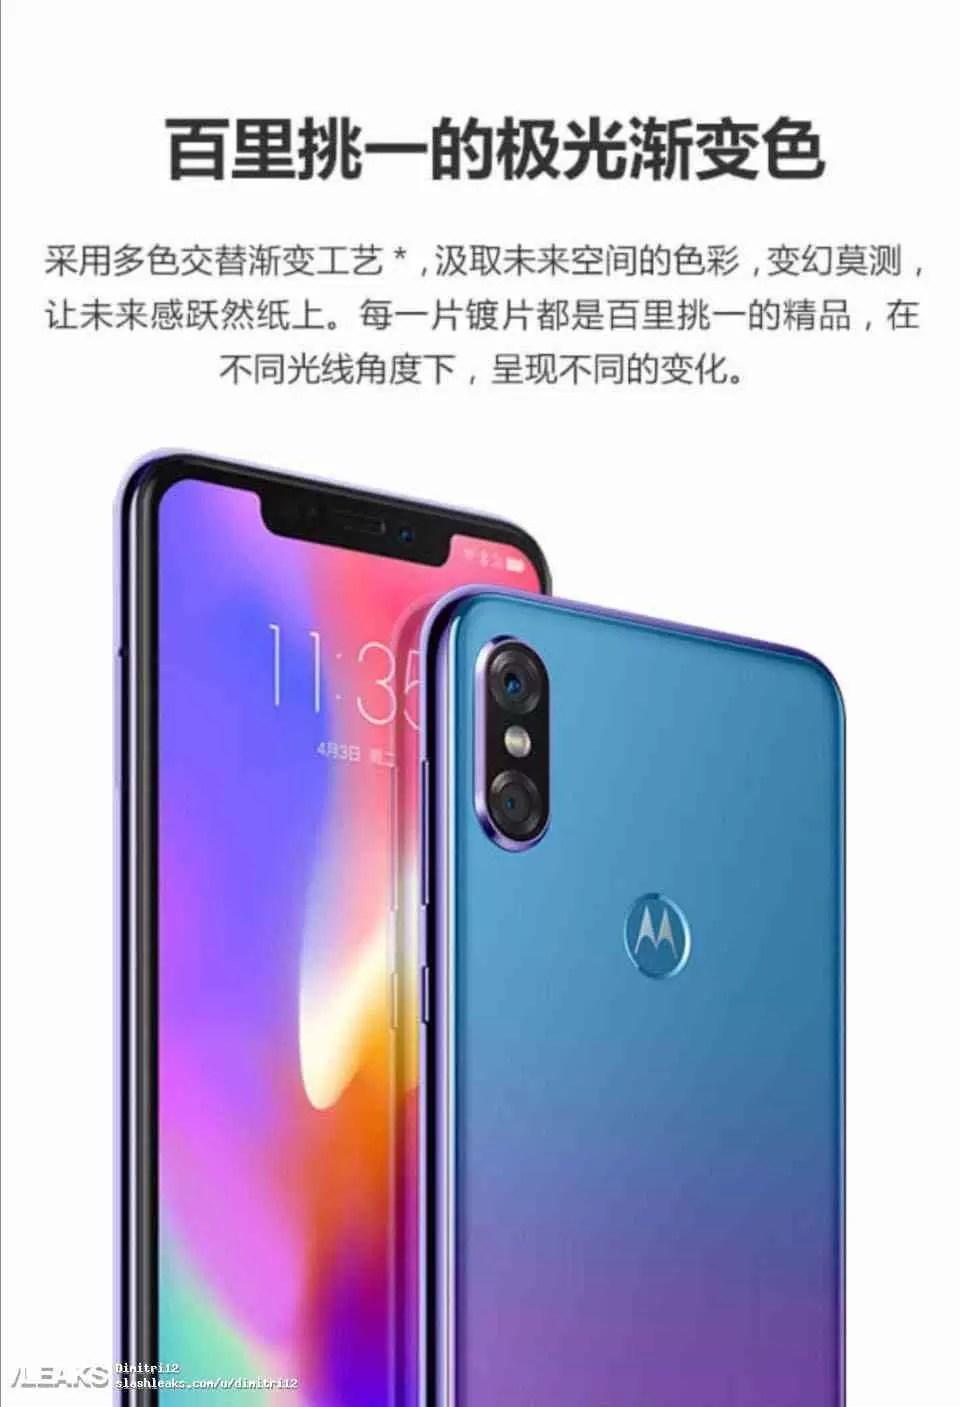 Motorola P30 revelado com especificações no site oficial na China 8